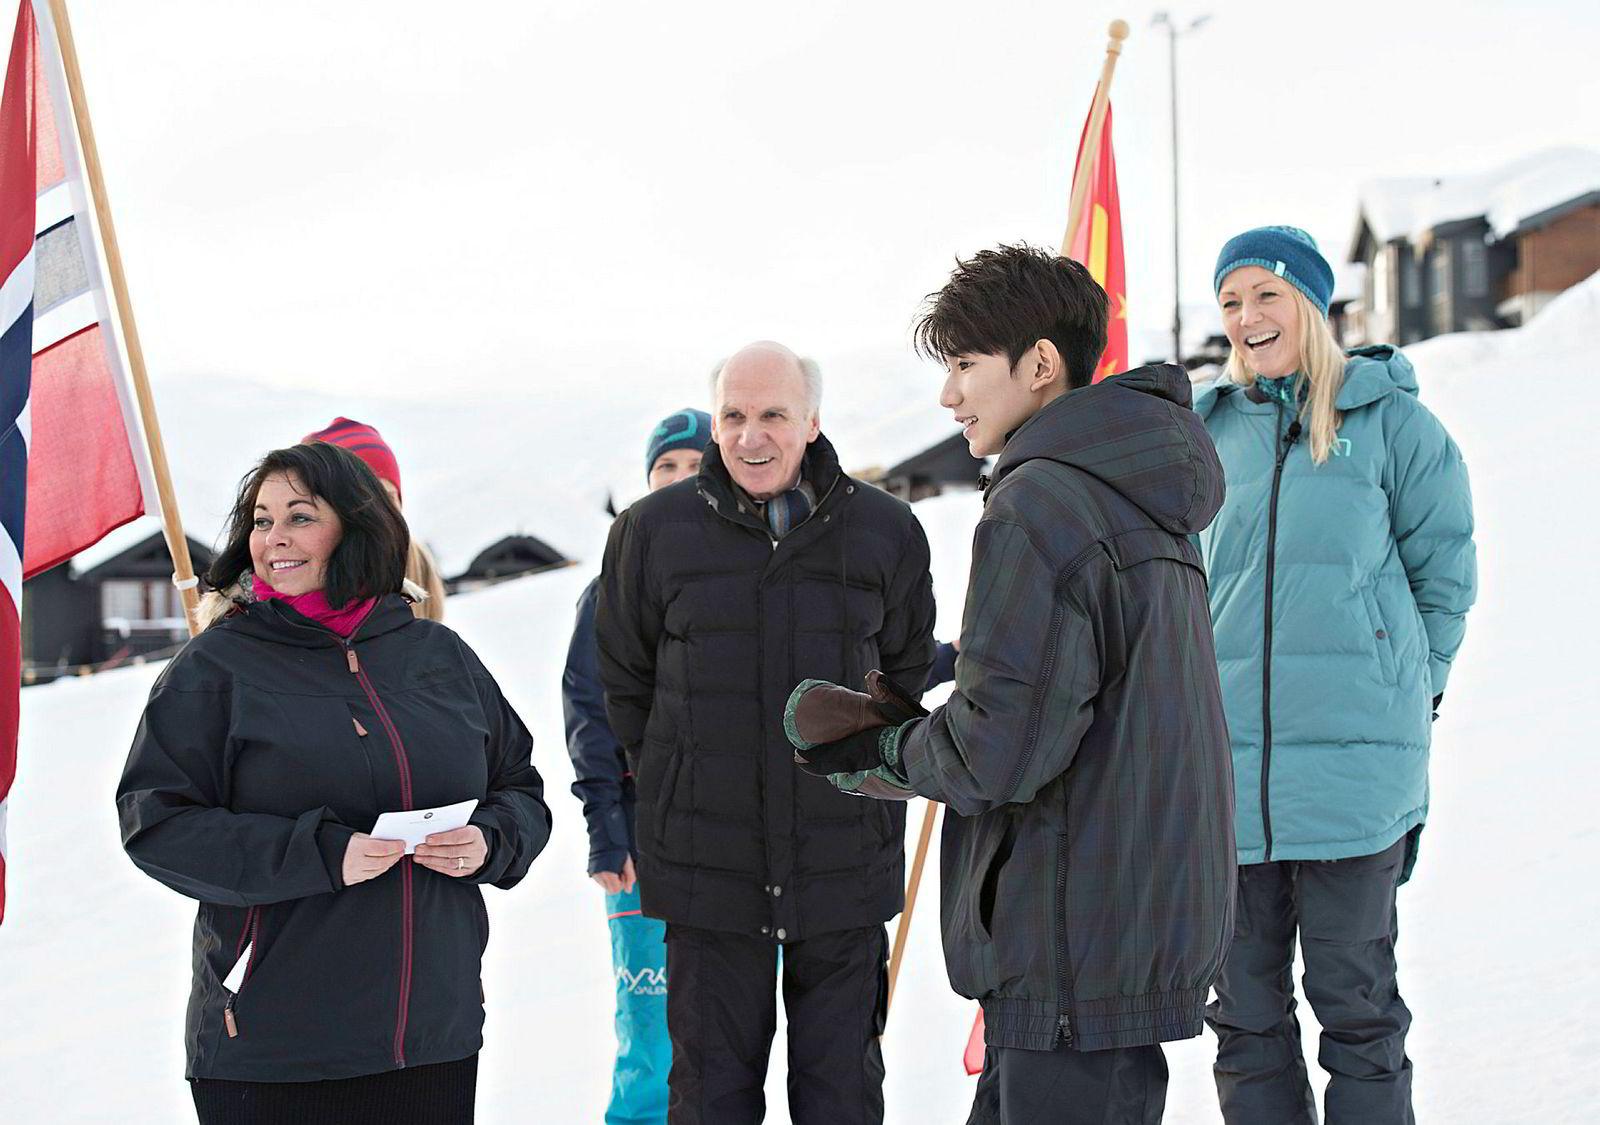 Per Holte i Innovasjon Norge (i midten) forklarer turistsvikten fra Kina med blant annet handelskrigen med USA. Her sammen med reiselivsdirektør Bente Bratland Holm (til venstre), Kari Traa og den kinesiske superstjernen Wang Yuan da han laget musikkvideo i Myrkdalen ved Voss i vinter.